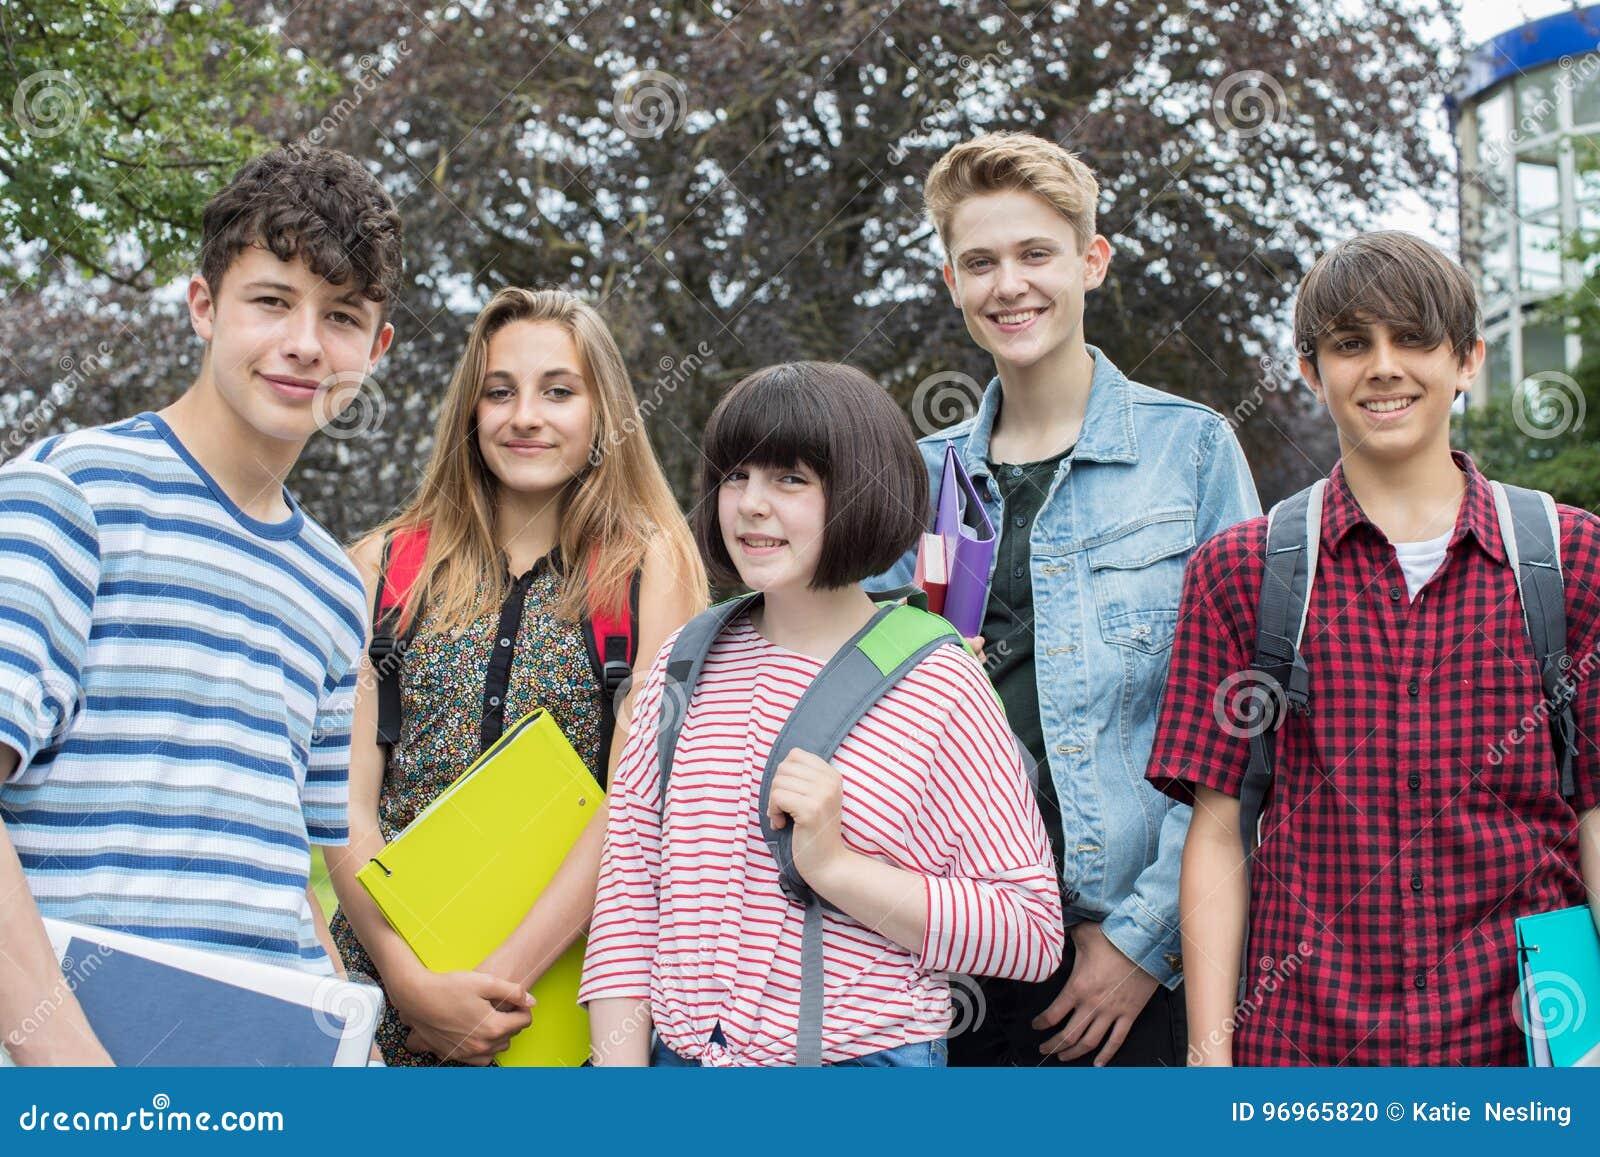 Πορτρέτο των εφηβικών σπουδαστών έξω από το σχολικό κτίριο